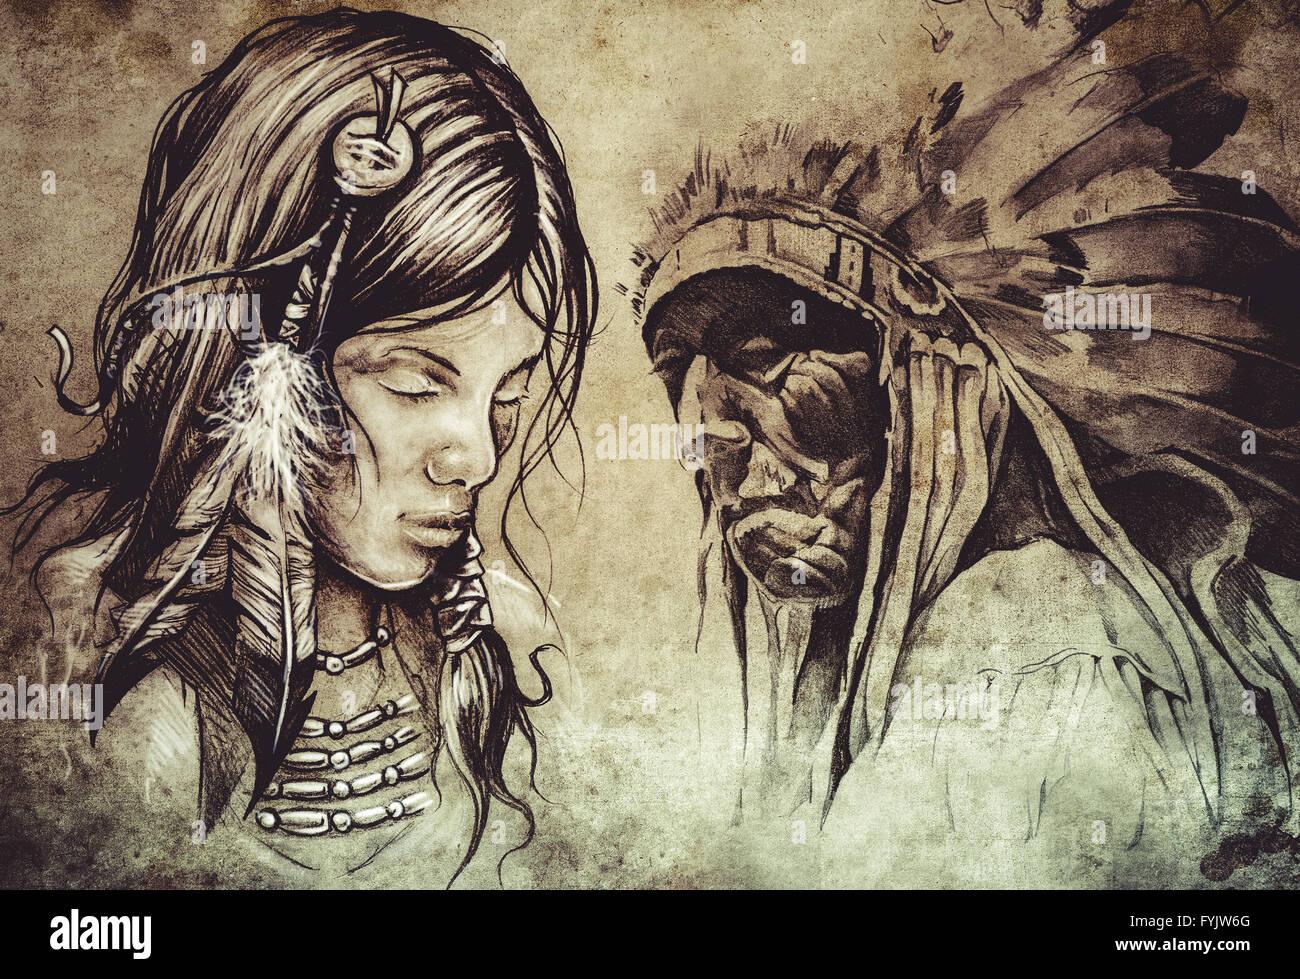 Mujer India Americana Tatuaje Boceto Diseno Artesanal Sobre Papel